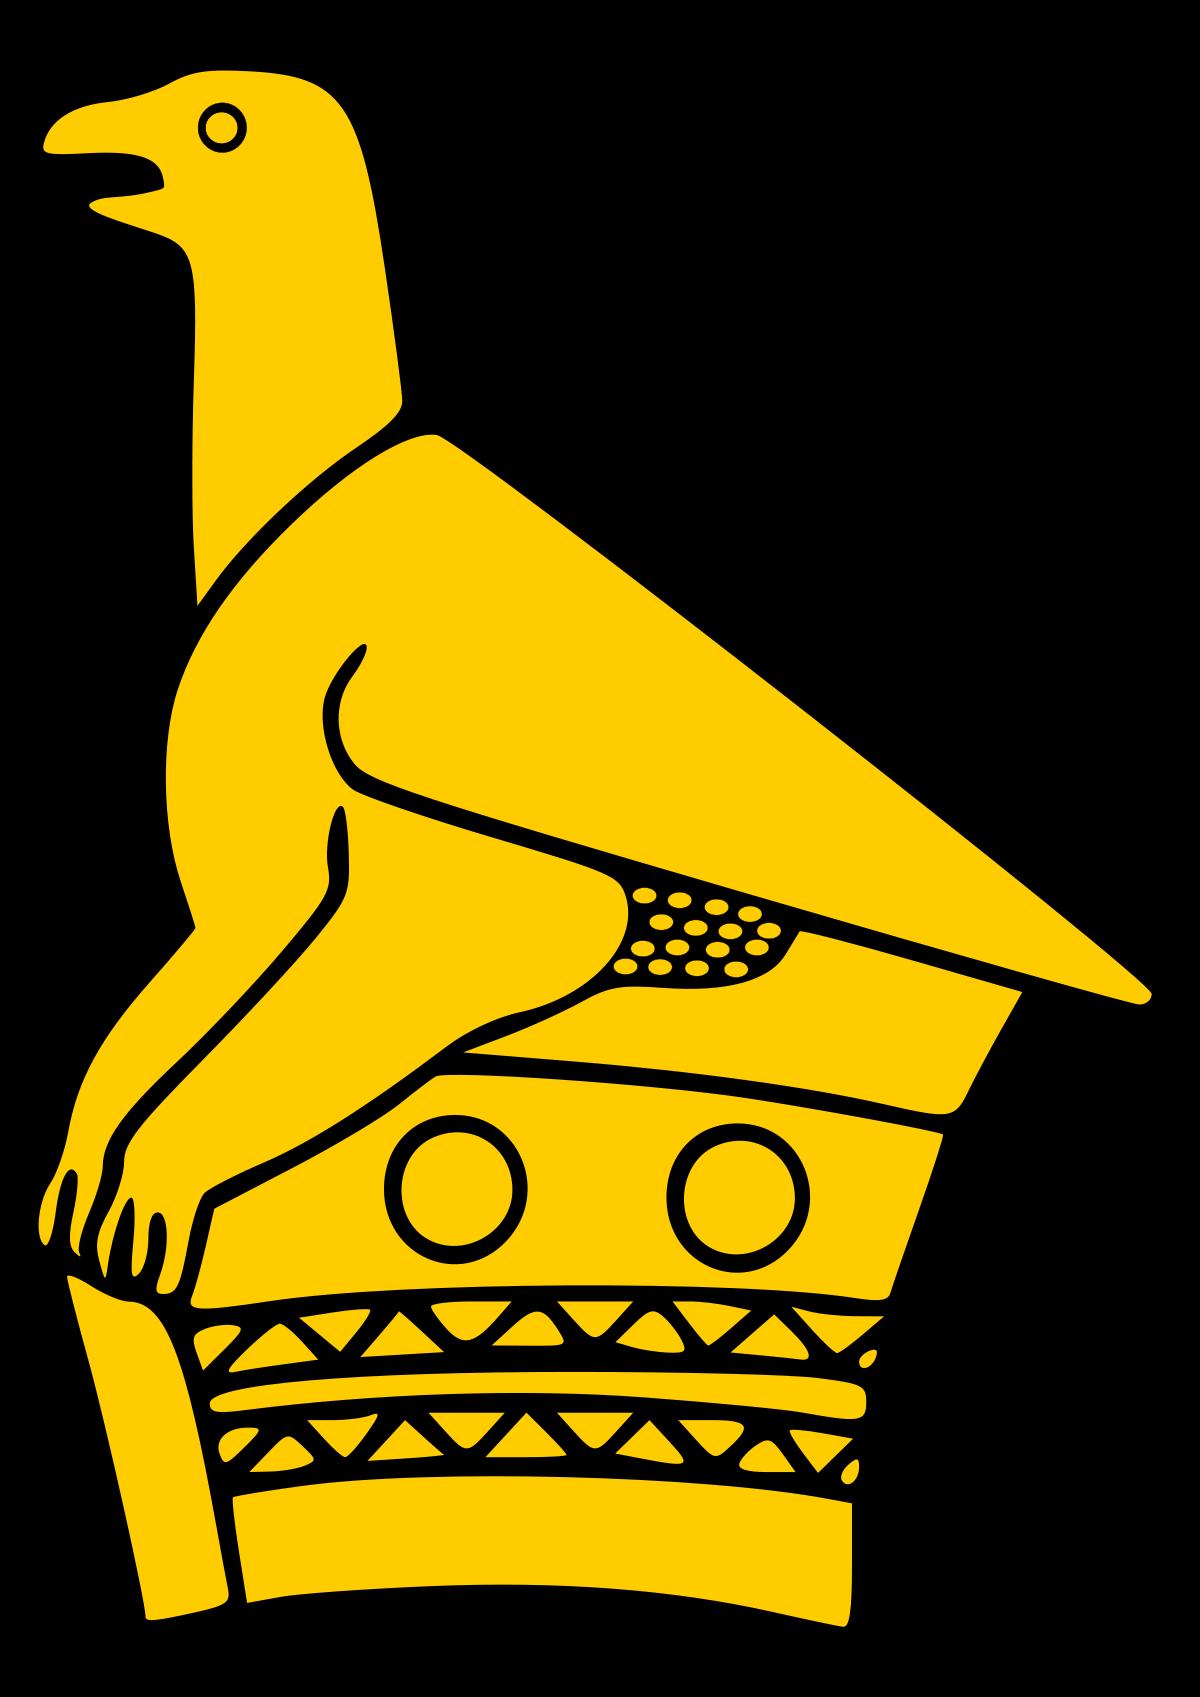 Eagle clipart passport. Zimbabwe bird wikipedia